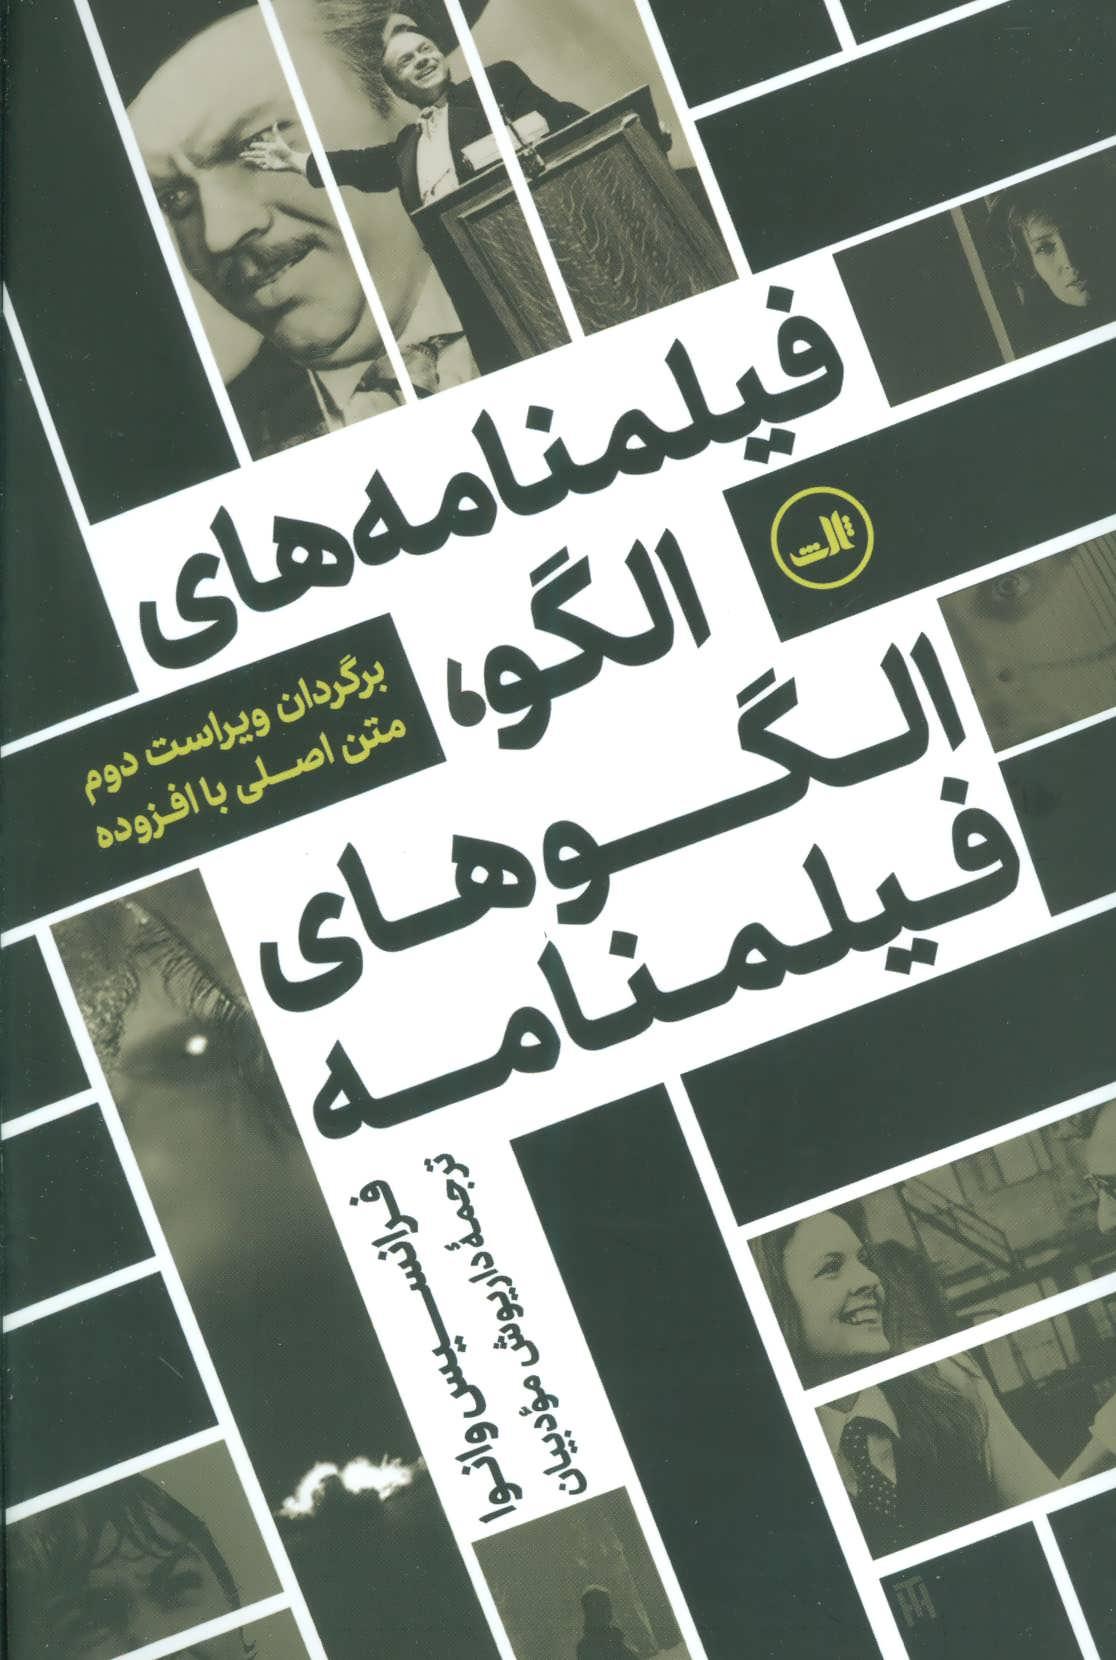 کتاب فیلمنامههایالگو، الگوهایفیلمنامه